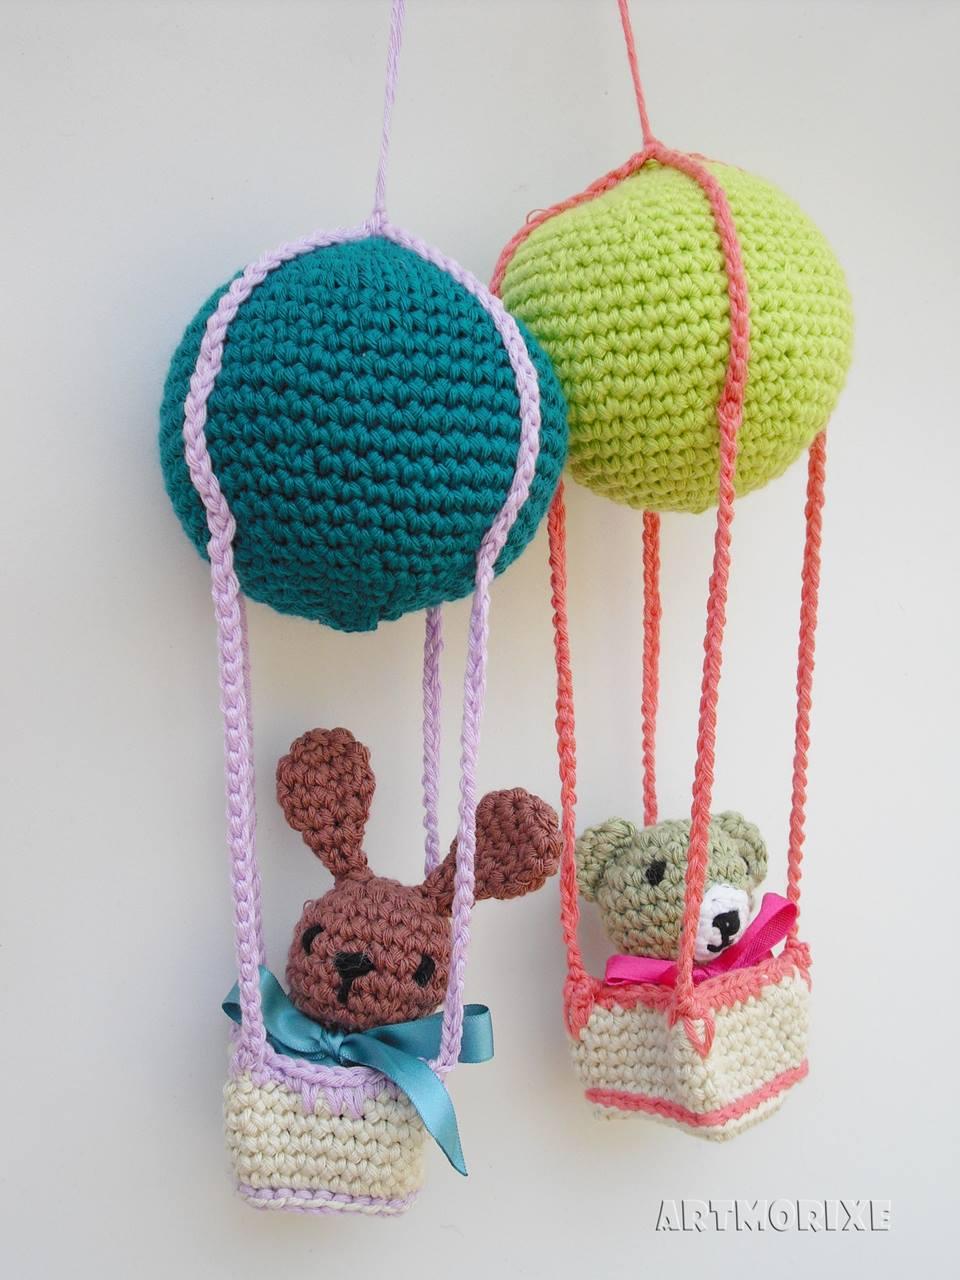 Artmorixe labores y manualidades globos aerost ticos for Decoracion del hogar con crochet